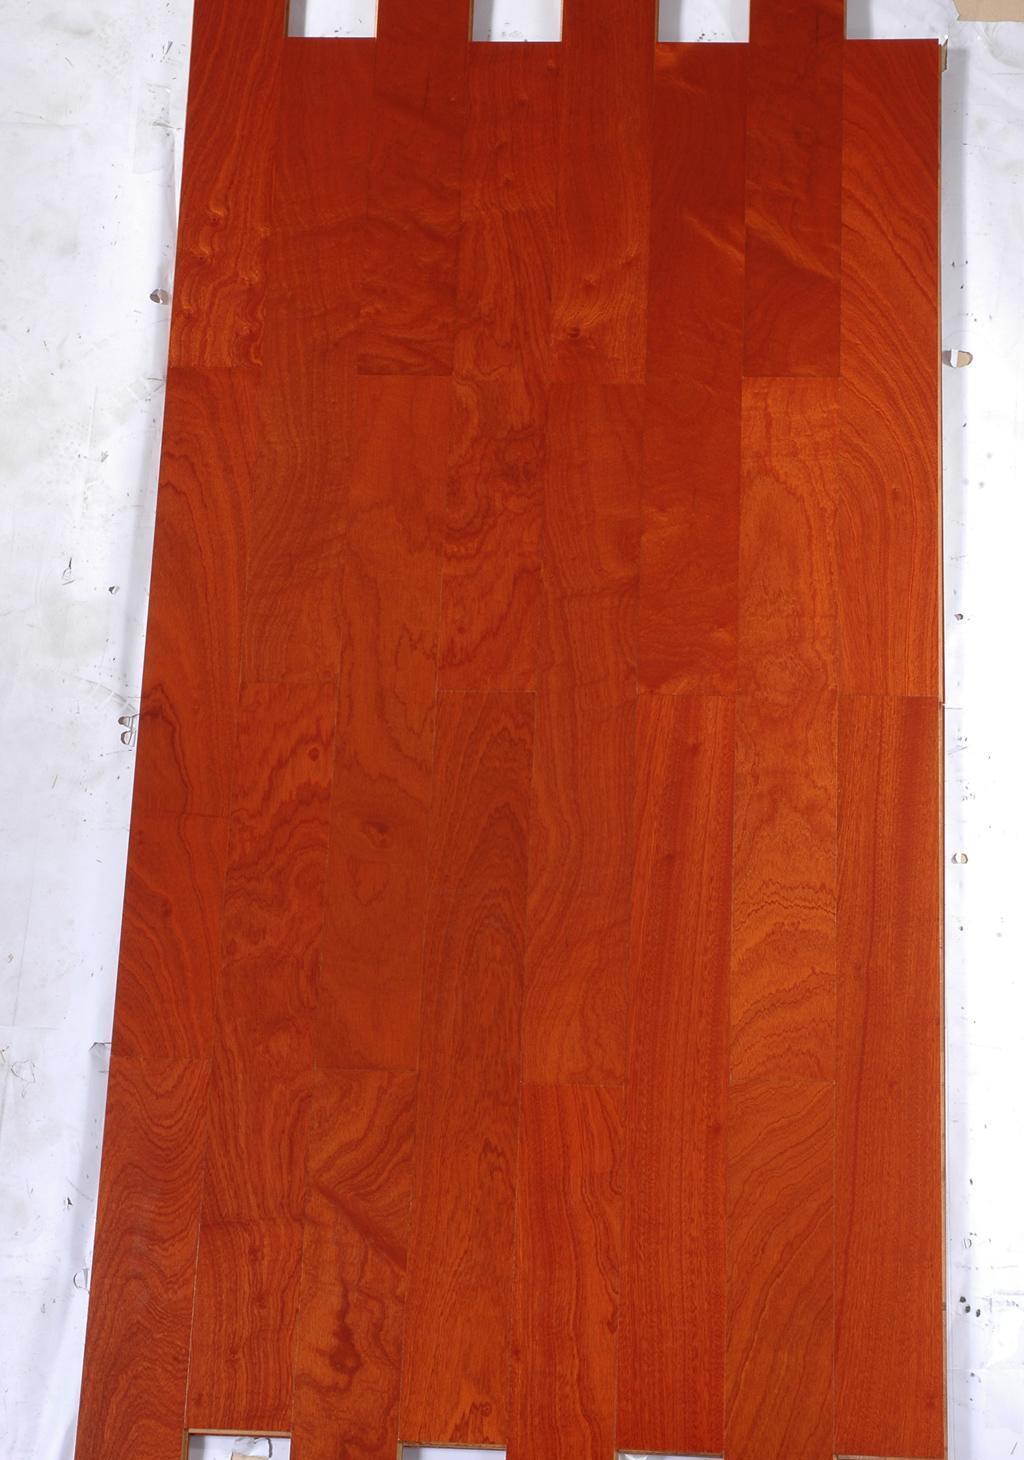 圣象安德森多层实木复合地板AM9186流沙红檀AM9186